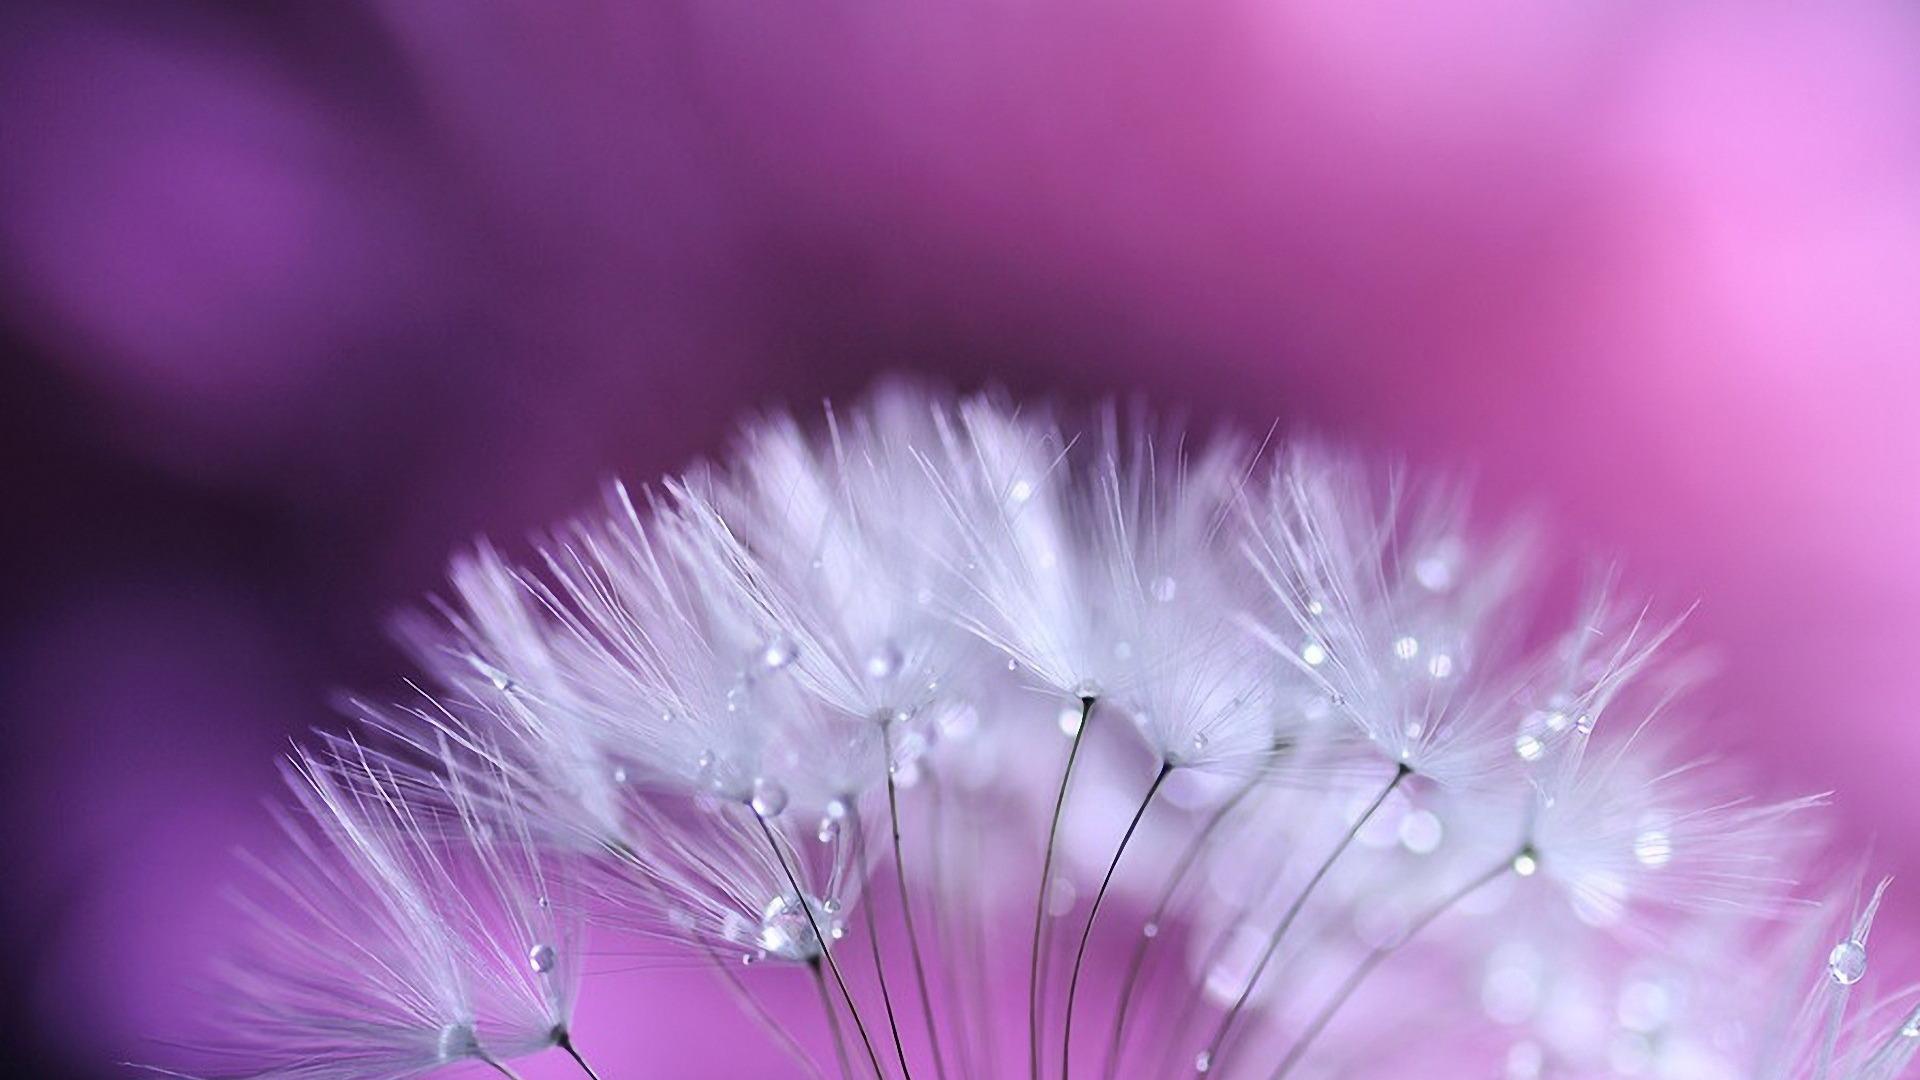 Hình nền hoa bồ công anh đẹp